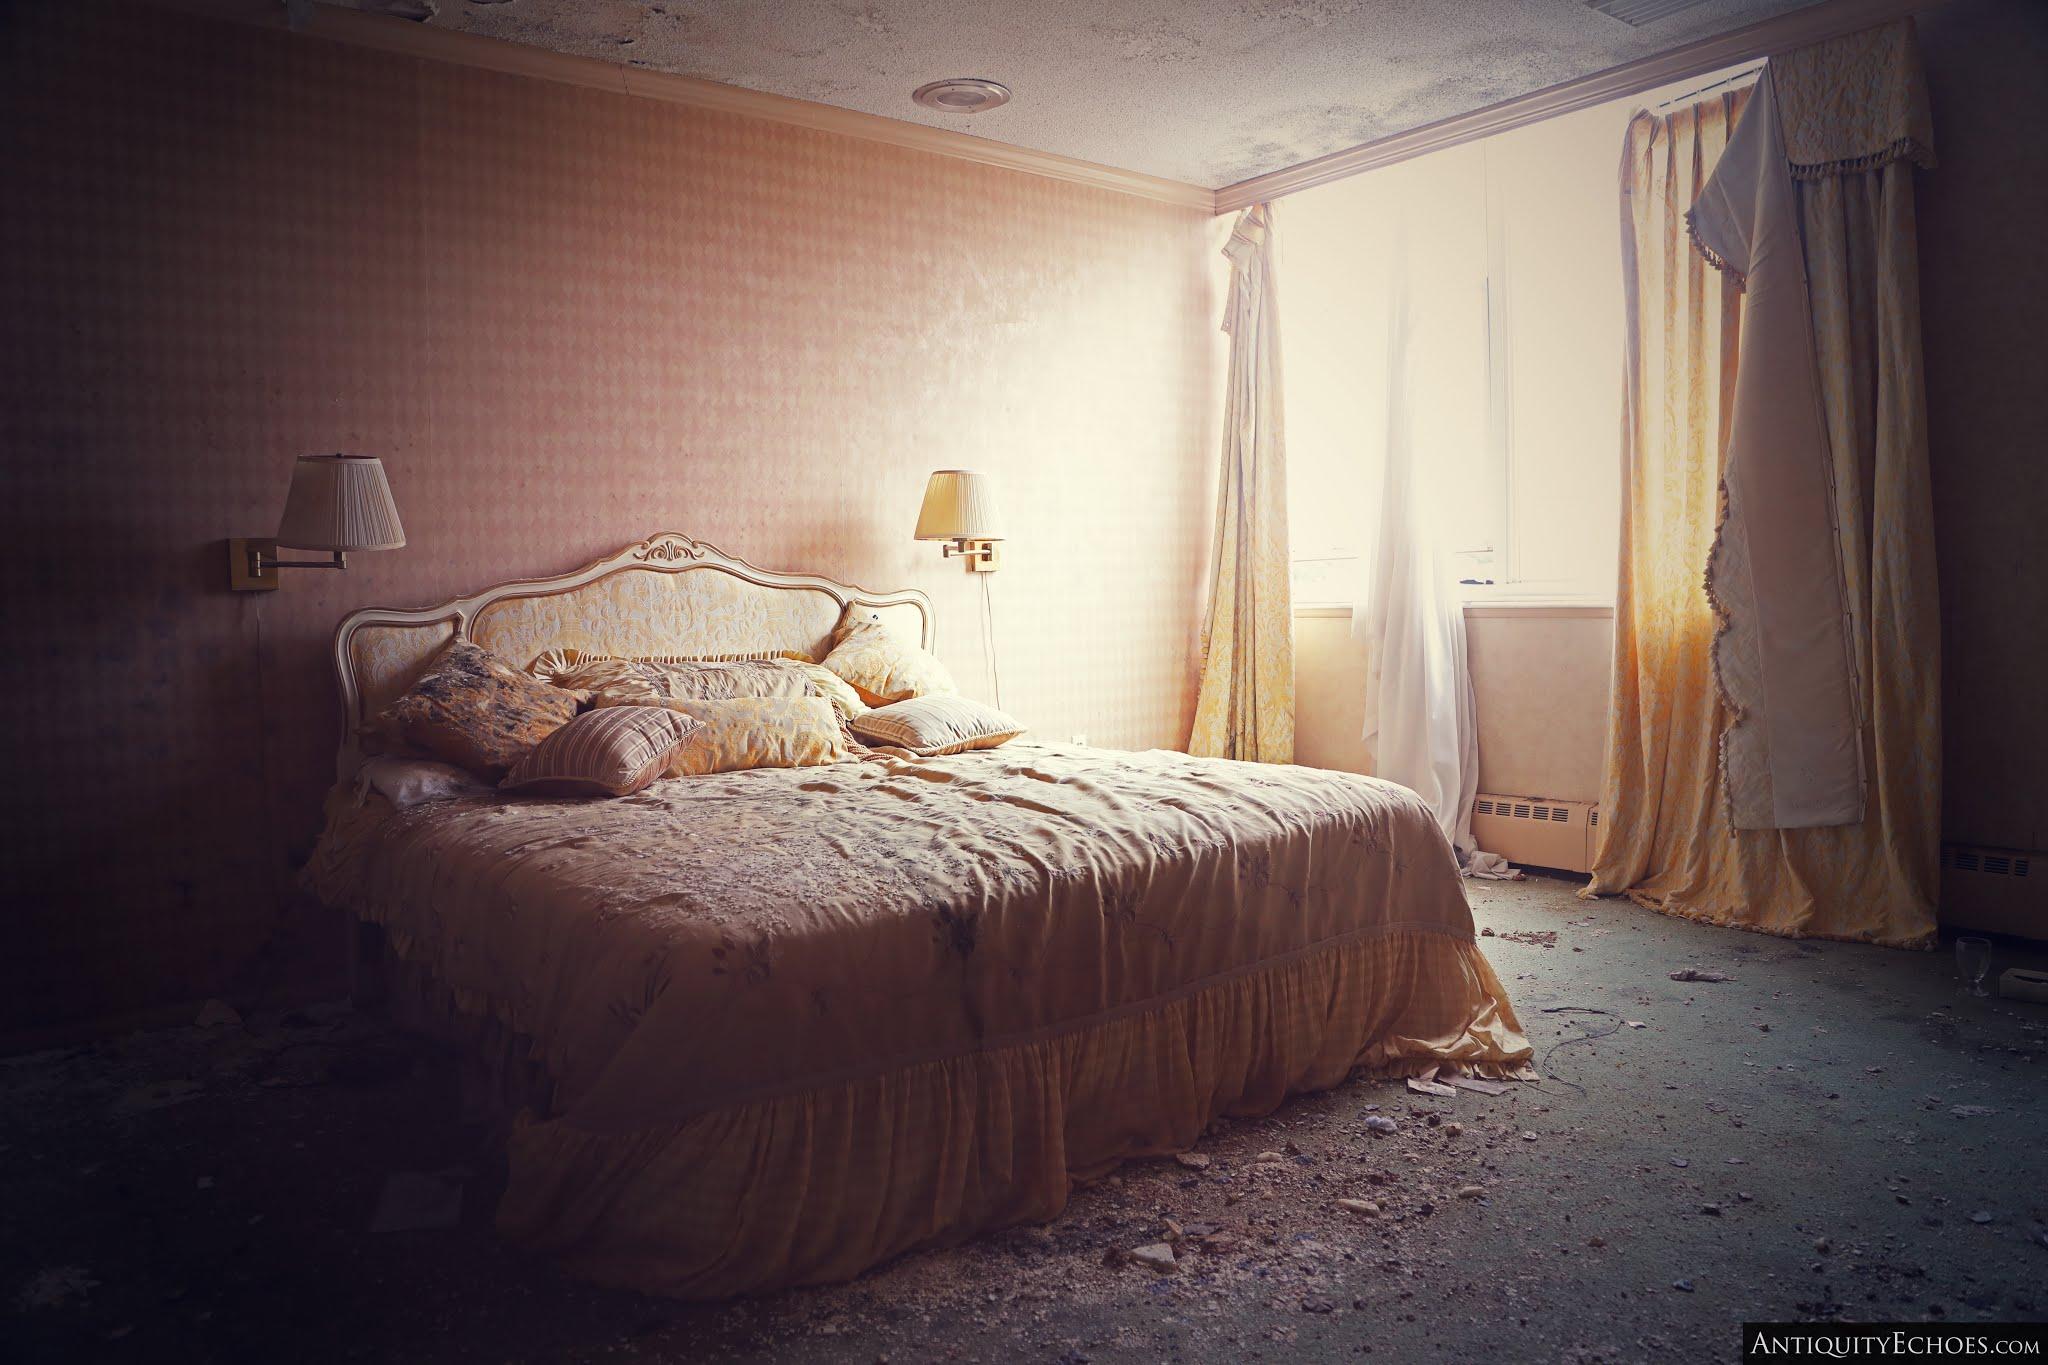 Nevele Grande - Ornate Master Bedroom in Decay